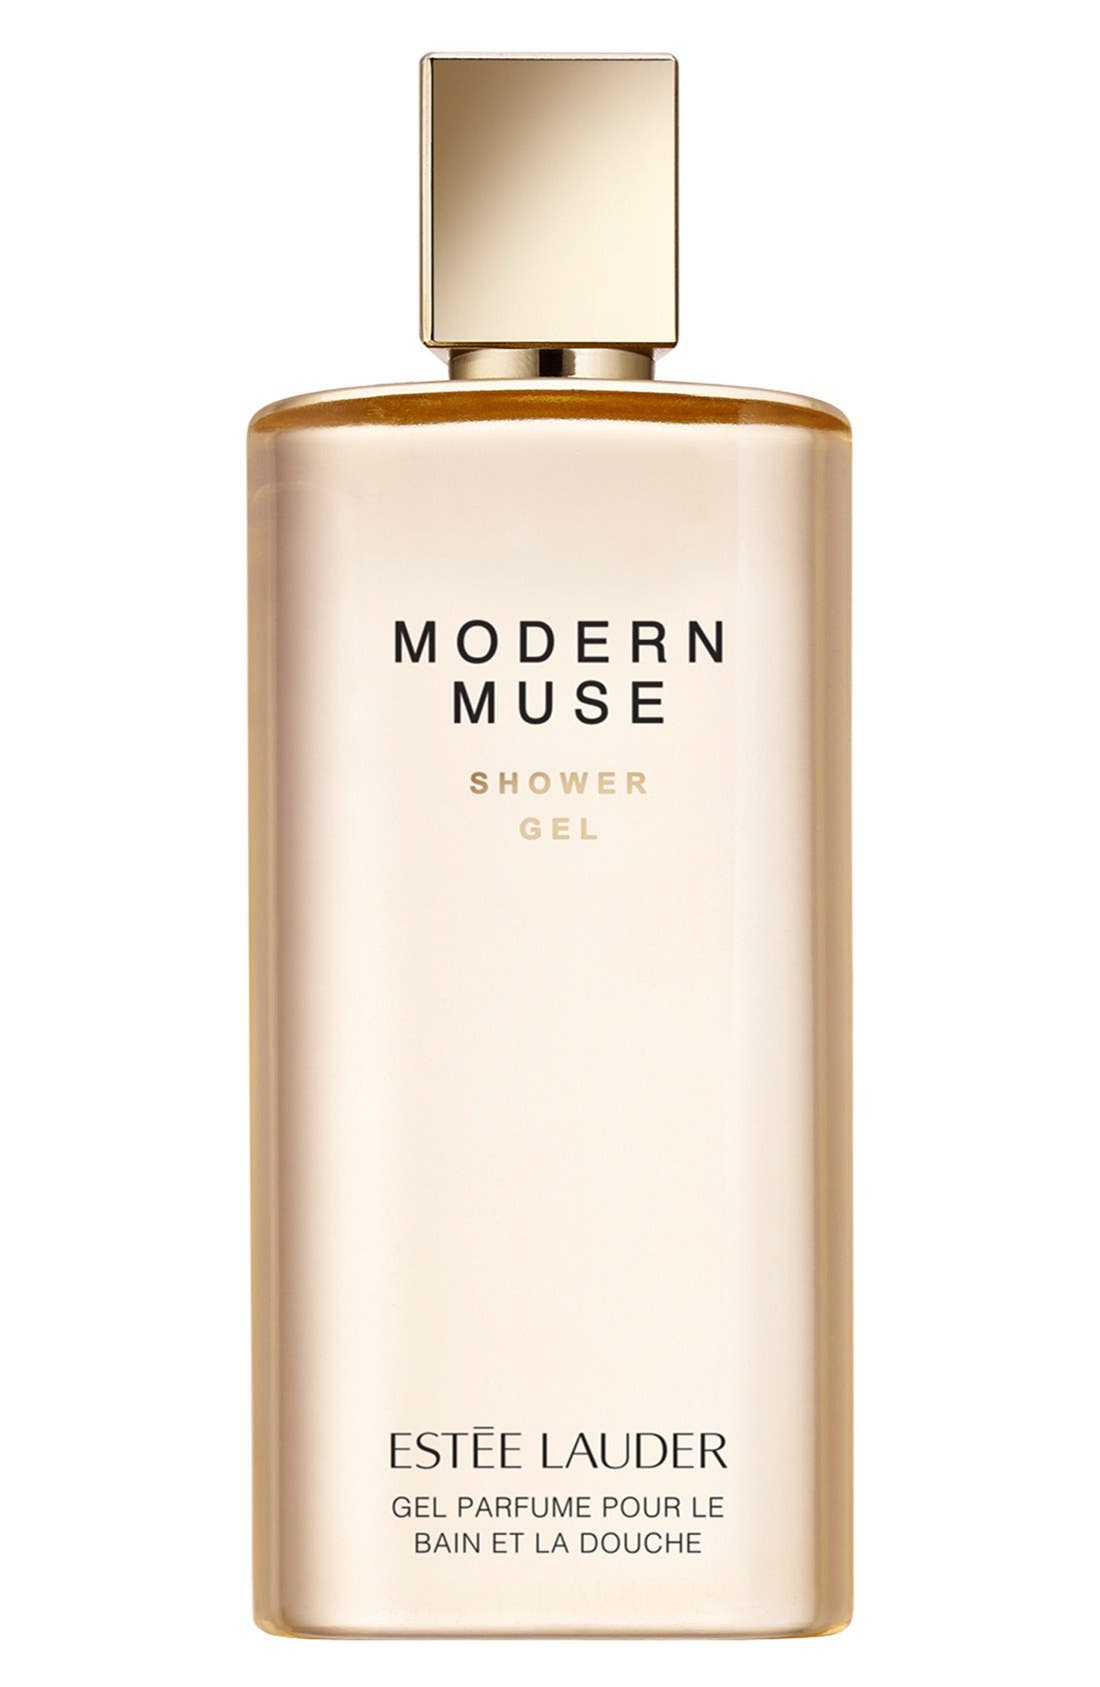 Estée Lauder Modern Muse Shower Gel